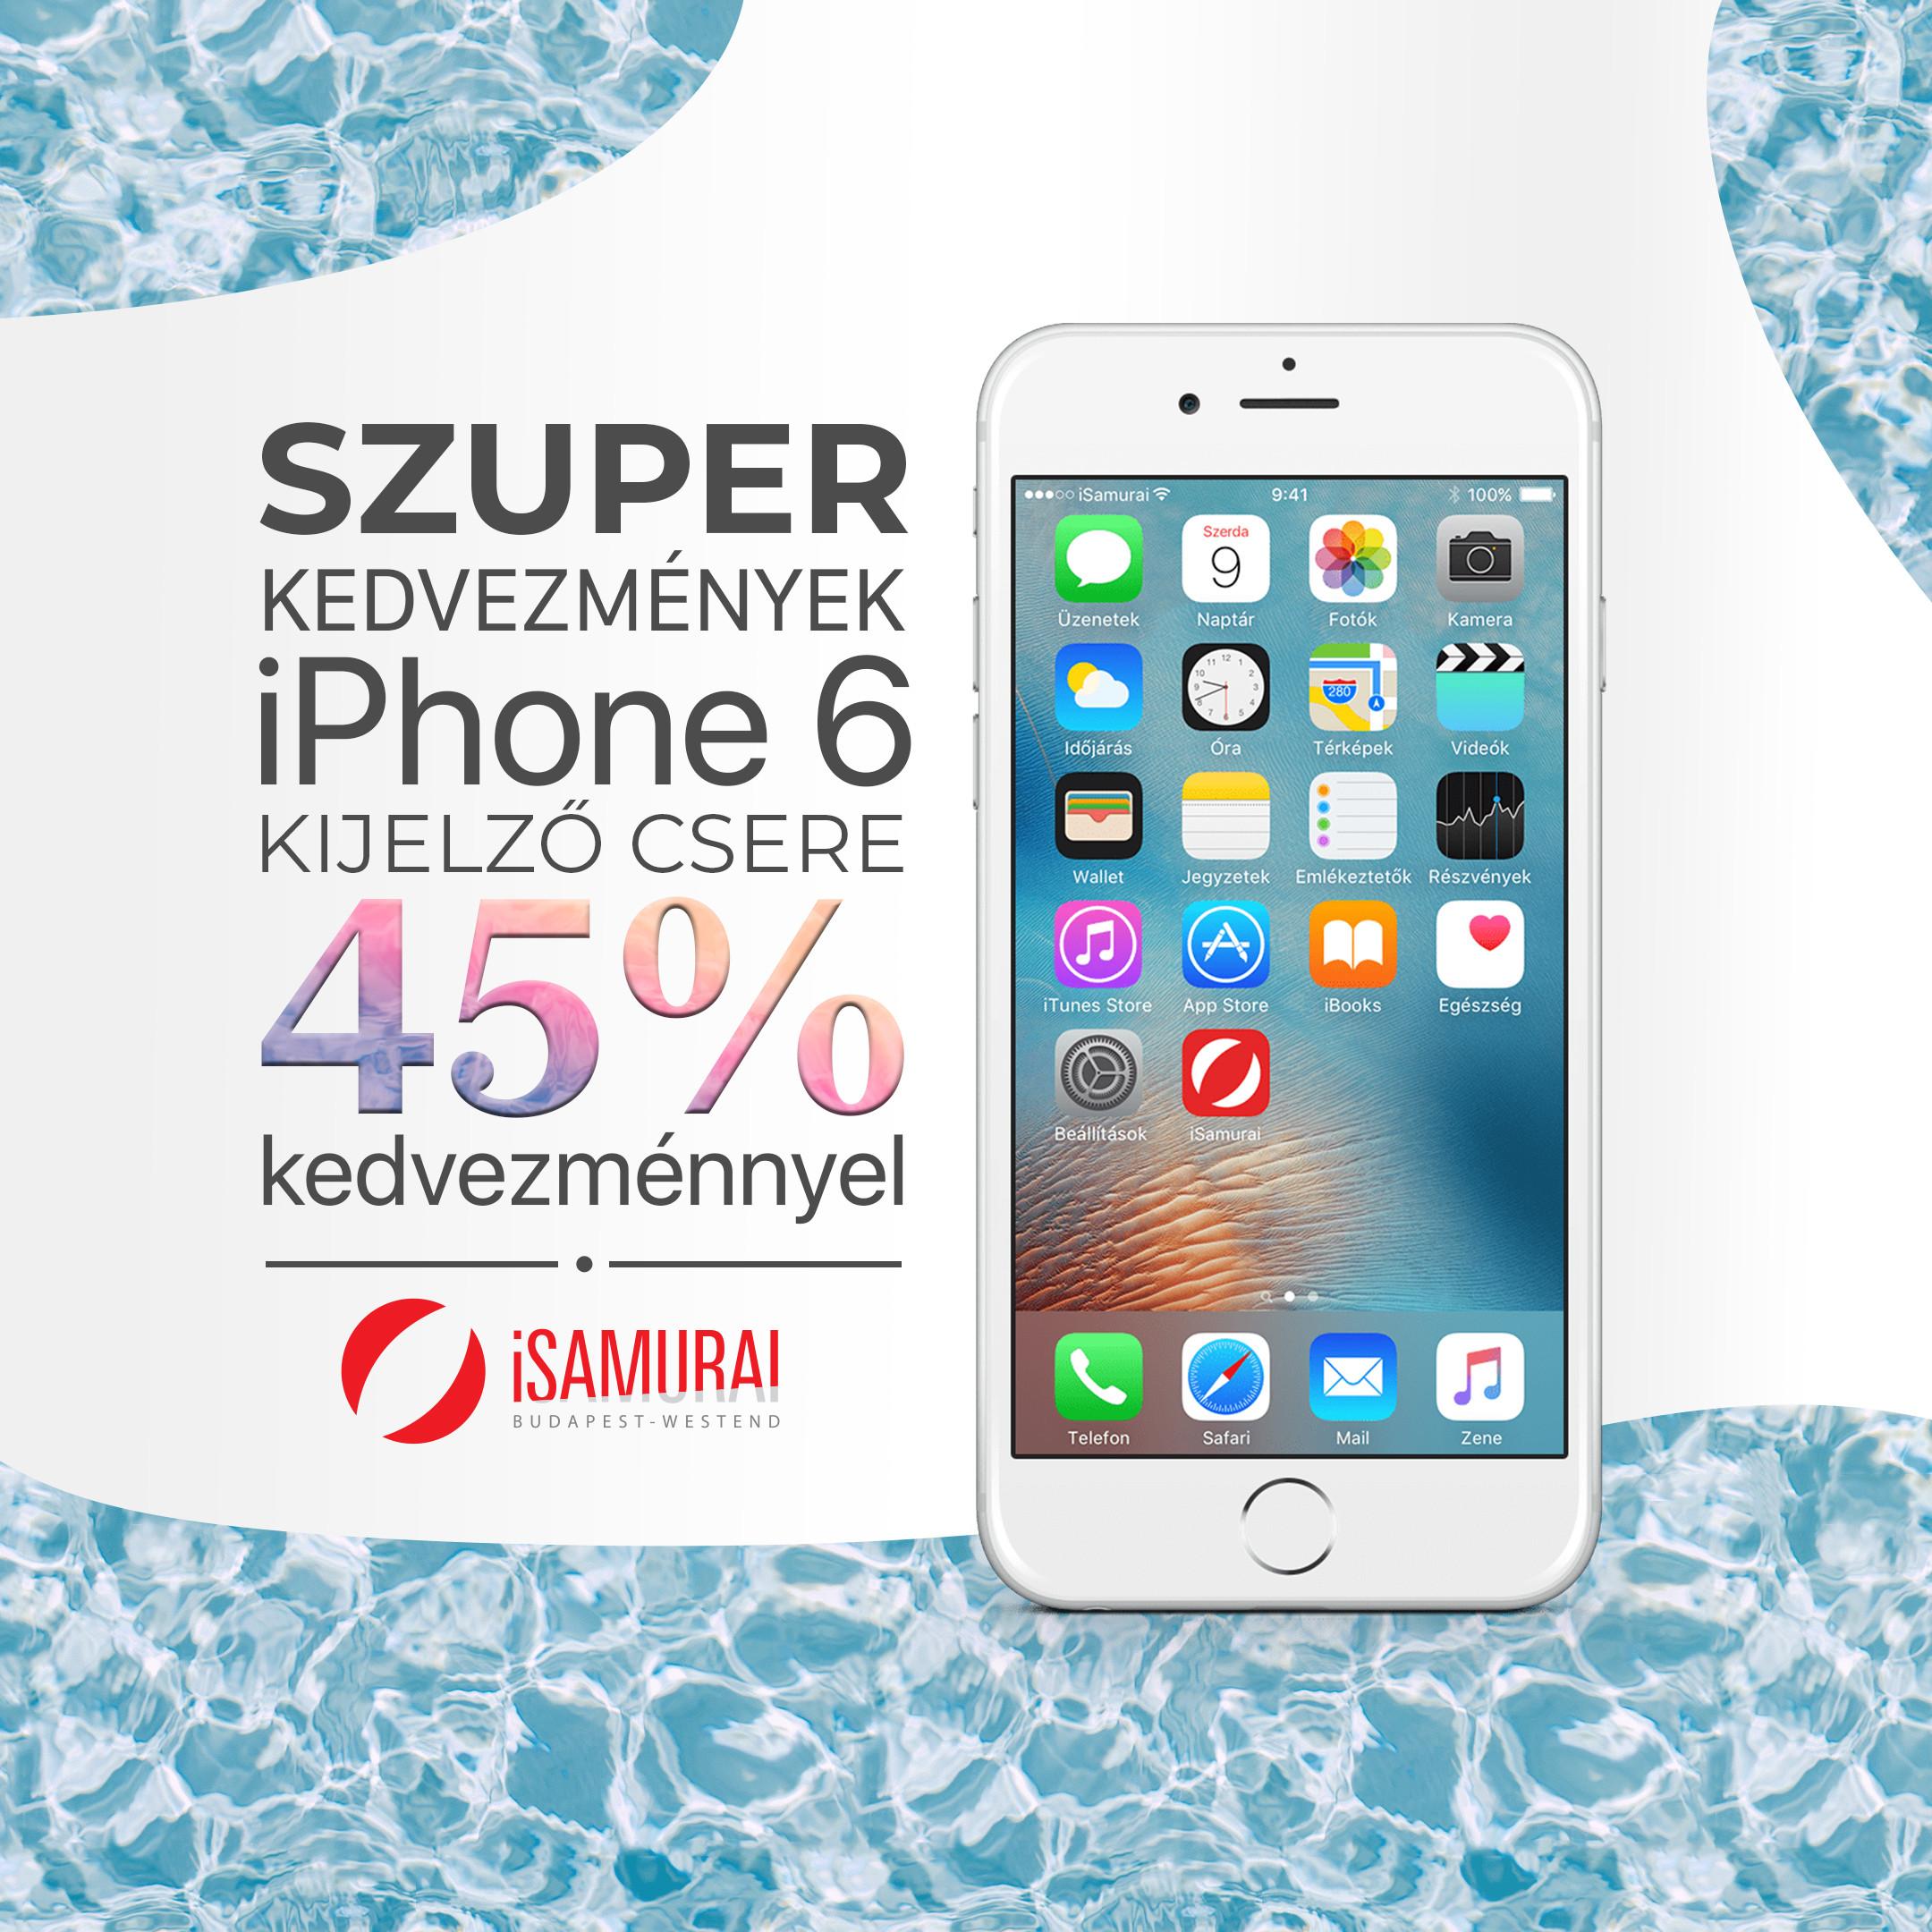 iPhone 6 kijelző csere - 2020 akciós áron